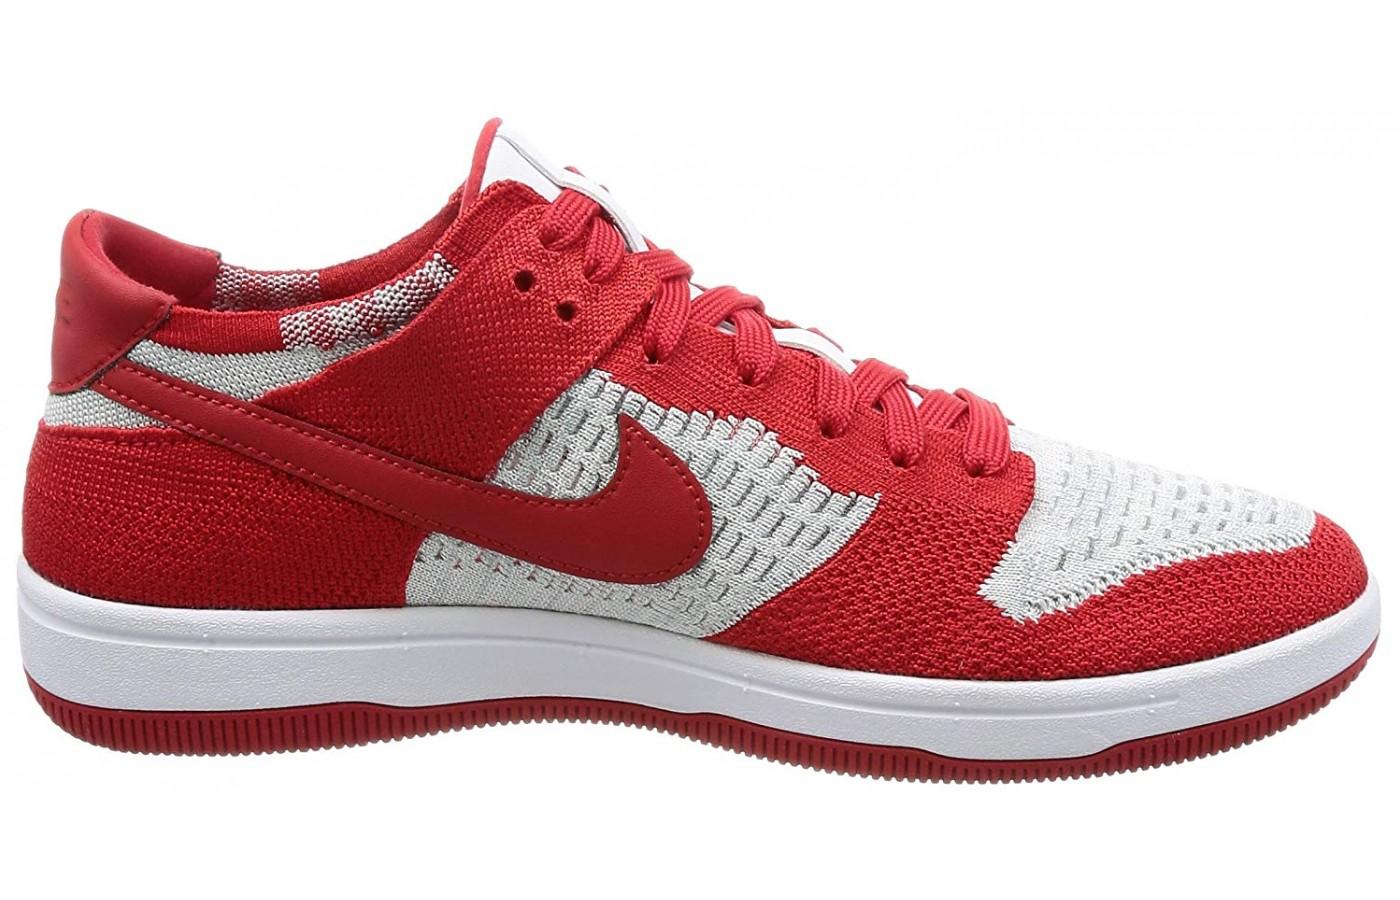 Nike Dunk Flyknit side